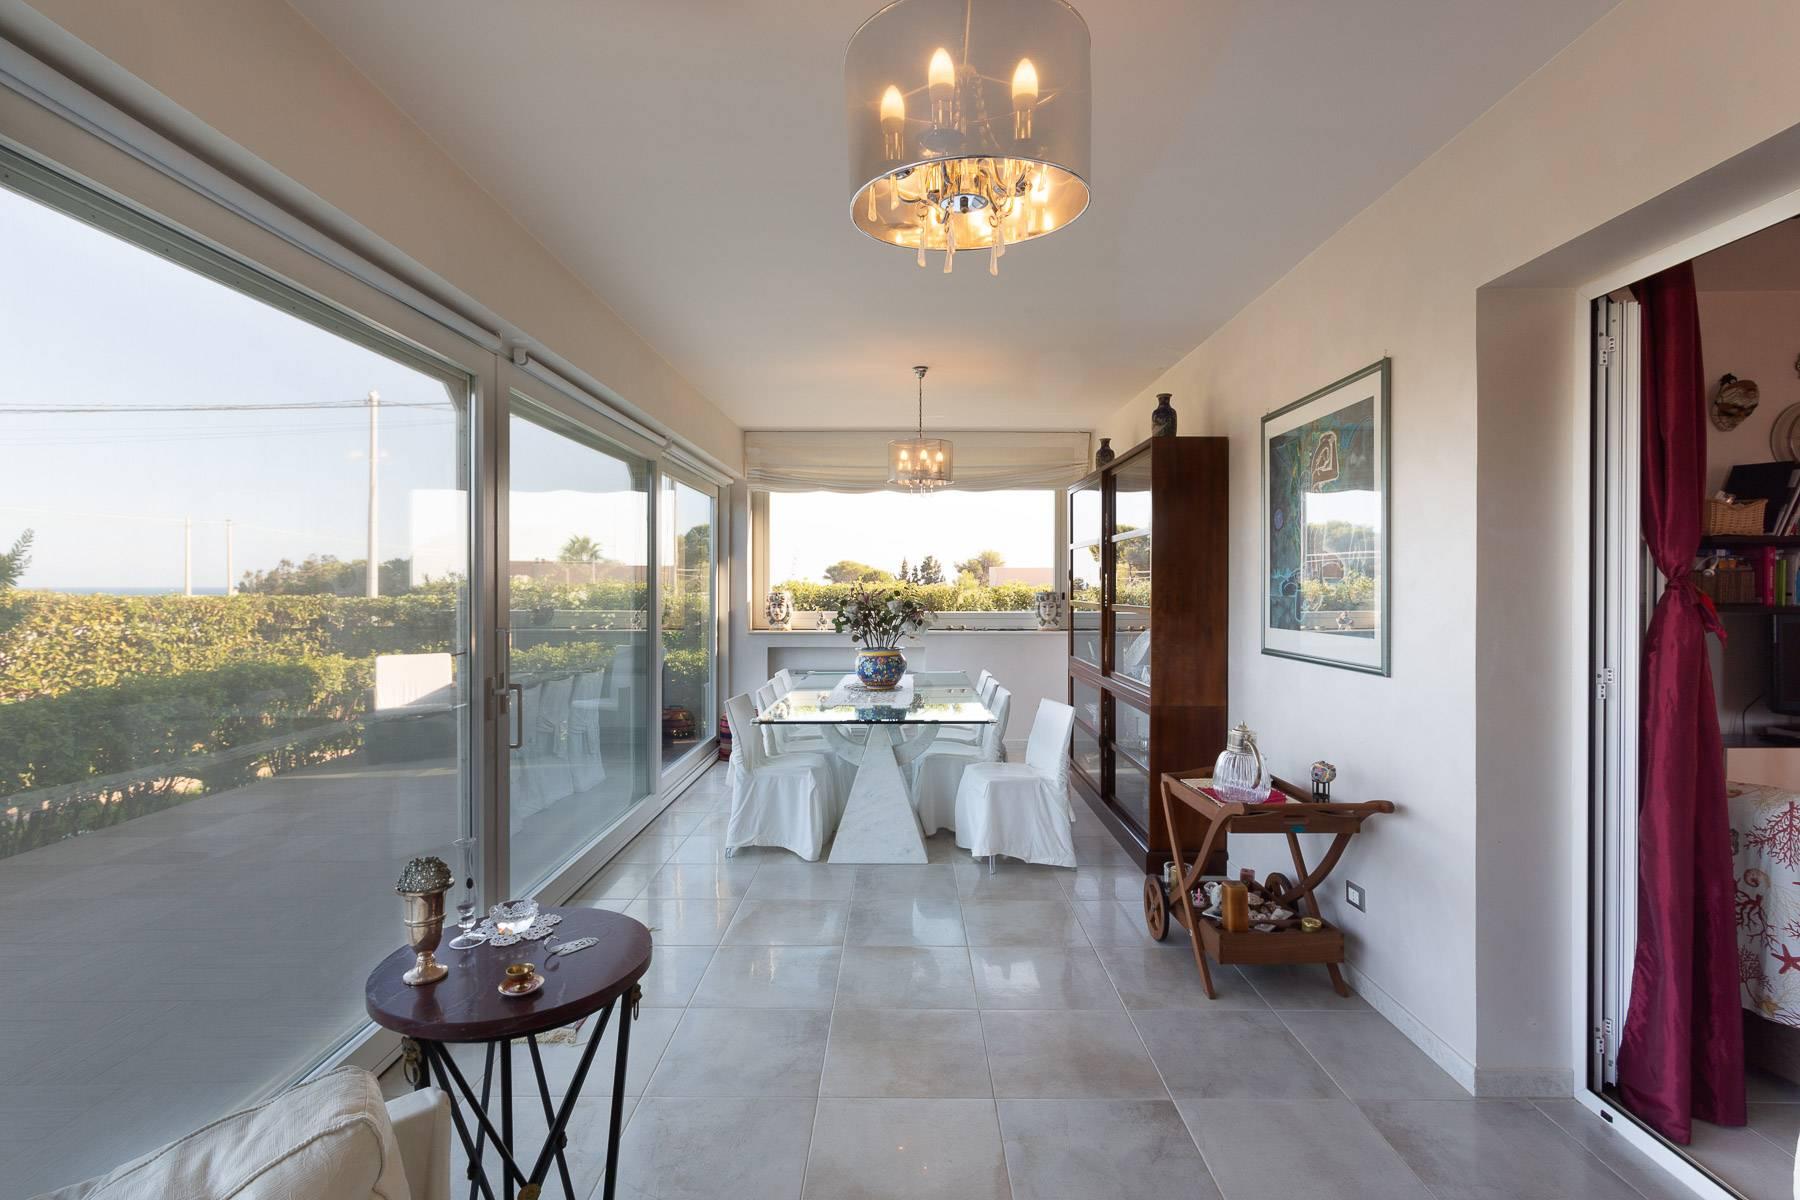 Villa in Vendita a Siracusa: 5 locali, 200 mq - Foto 5